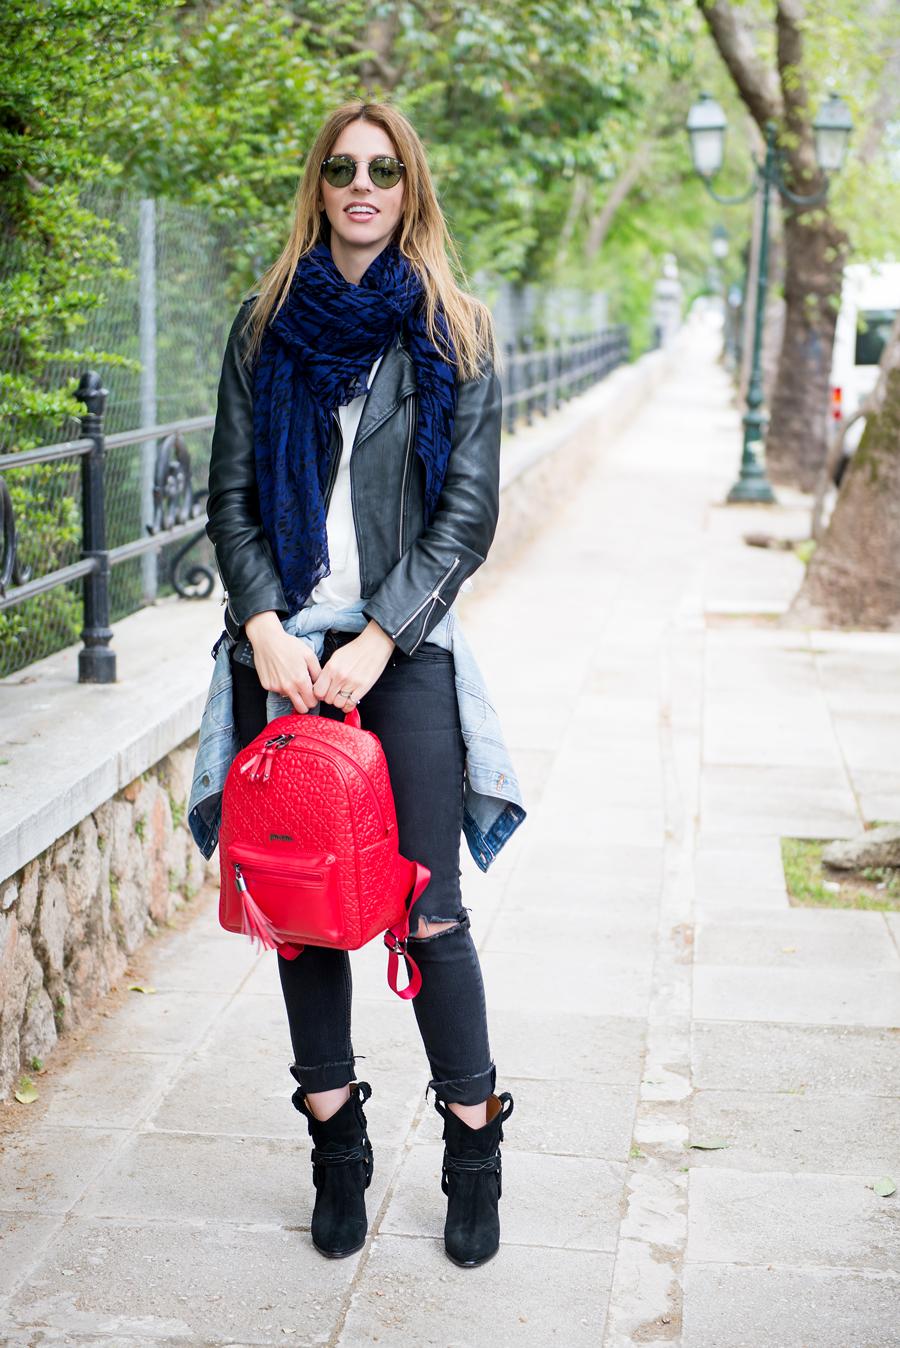 где с чем носить красный рюкзак фото выигрышно локация